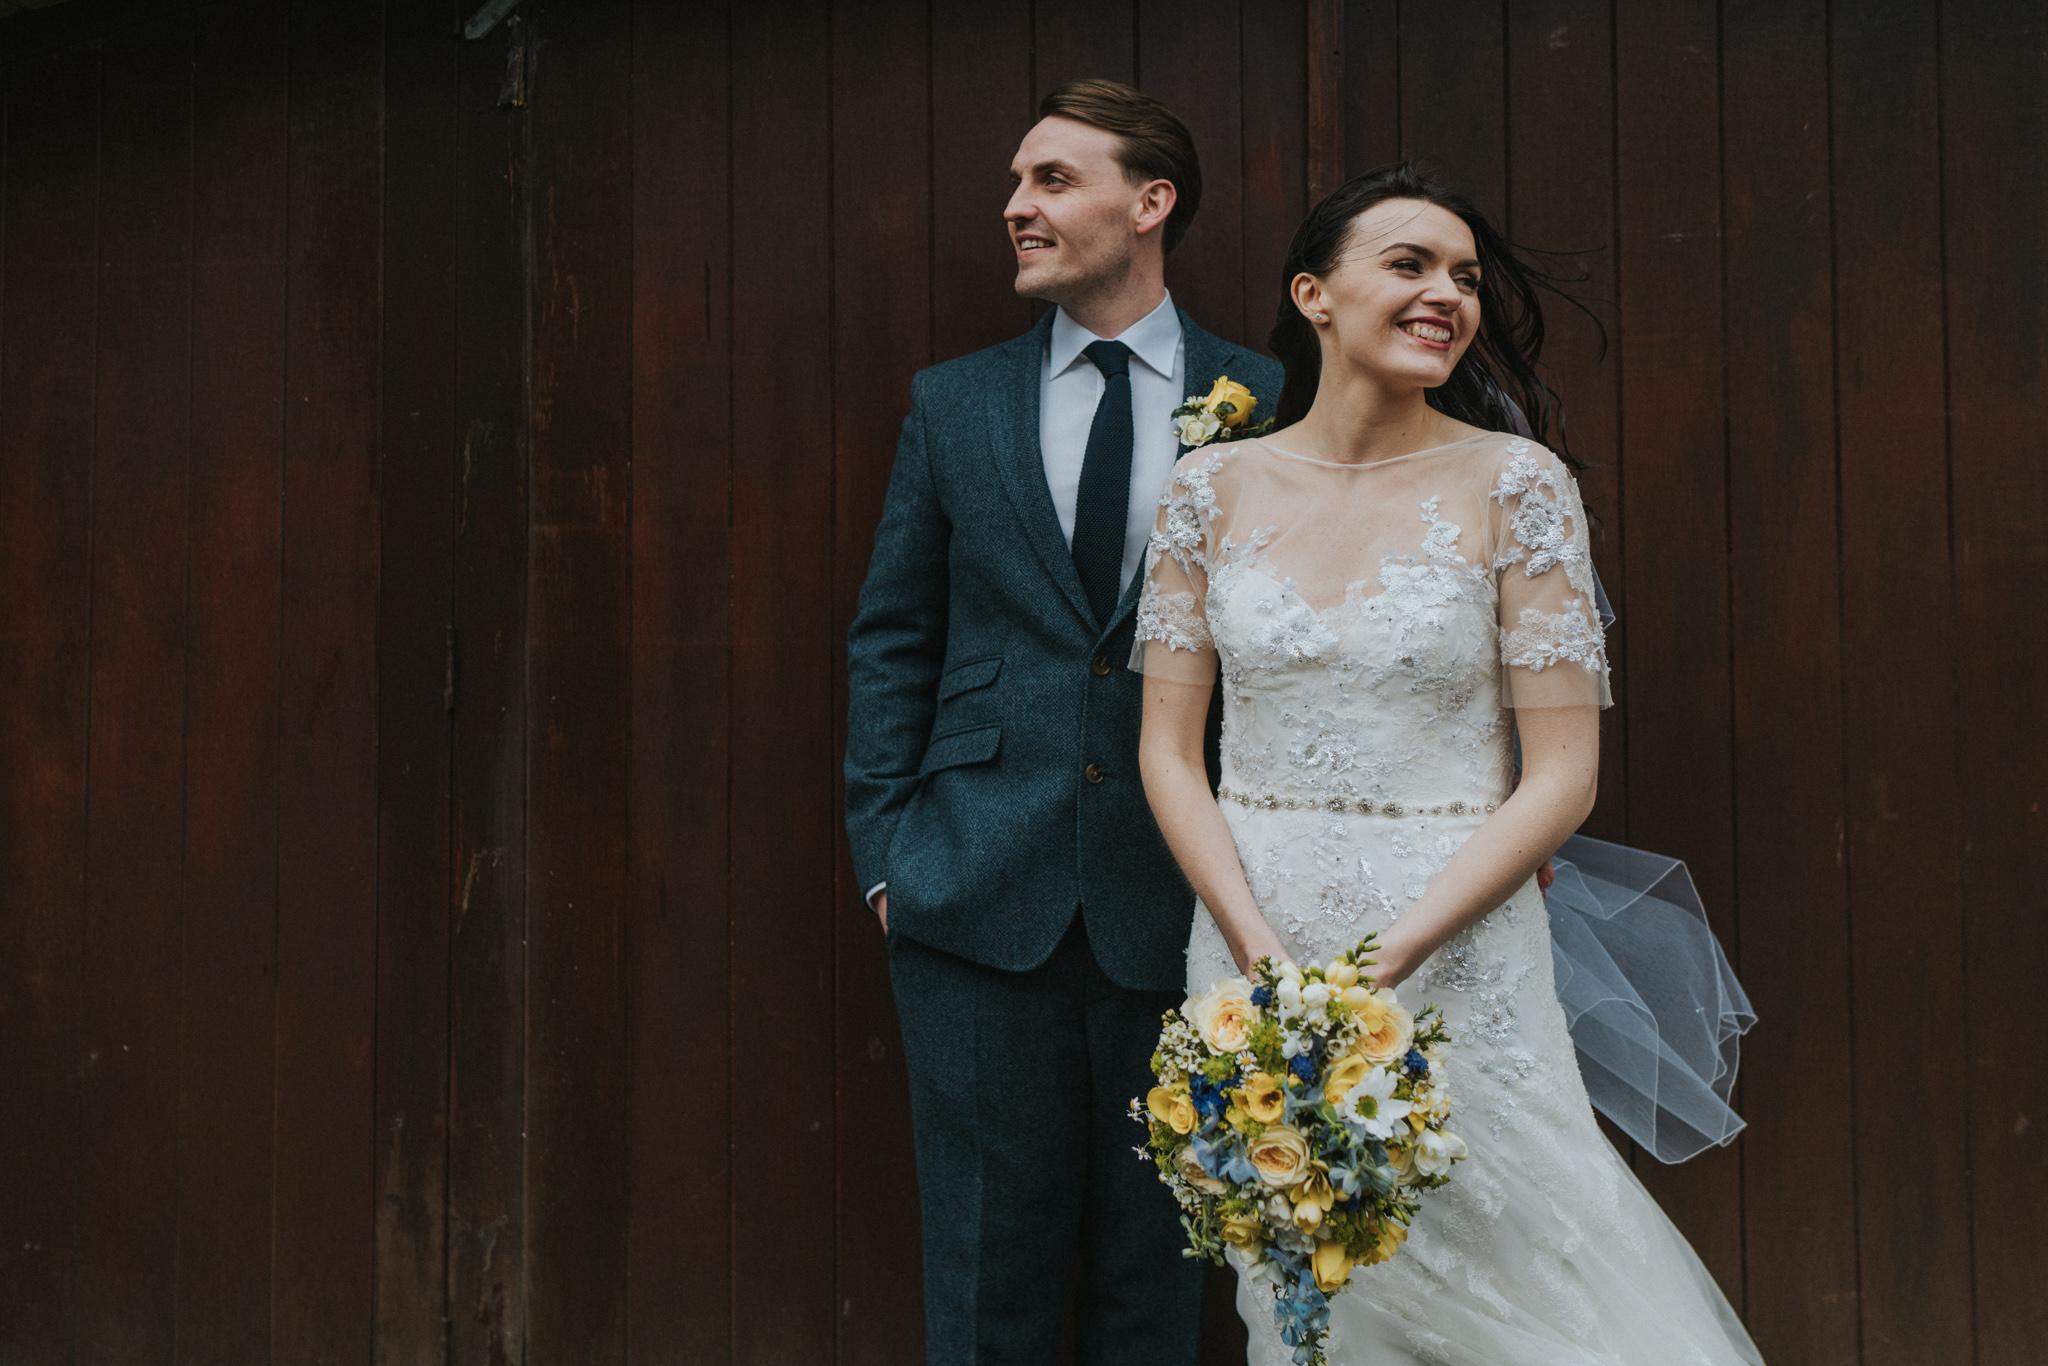 anne-charlie-maldon-all-saints-church-wedding-intimate-wedding-grace-elizabeth-colchester-essex-alternative-wedding-lifestyle-photographer-colchester-essex-suffolk-norfolk-devon (16 of 17).jpg